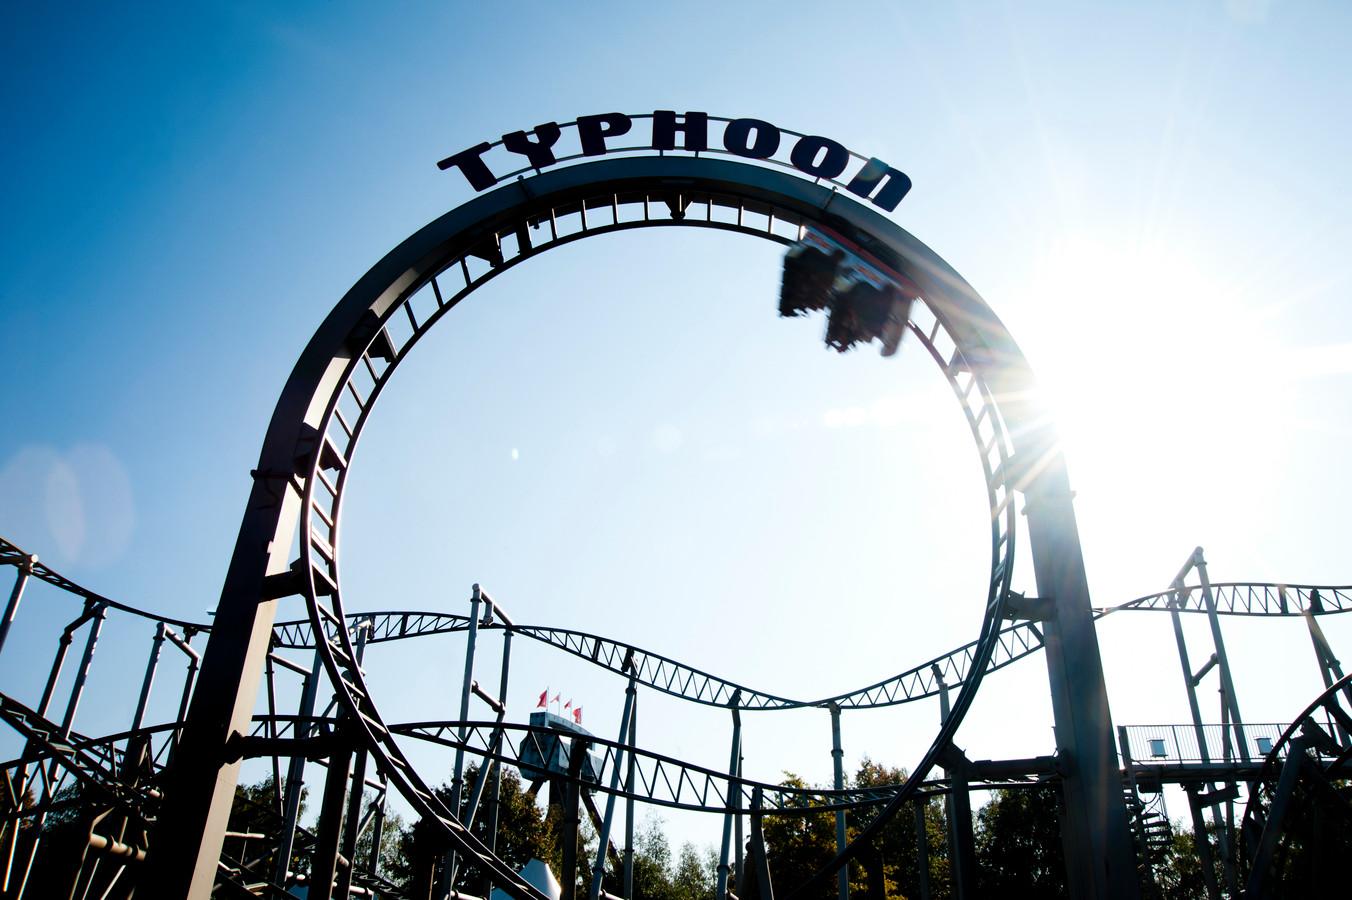 De 'Typhoon' in Bobbejaanland. De stalen achtbaan werd in 2004 geopend.